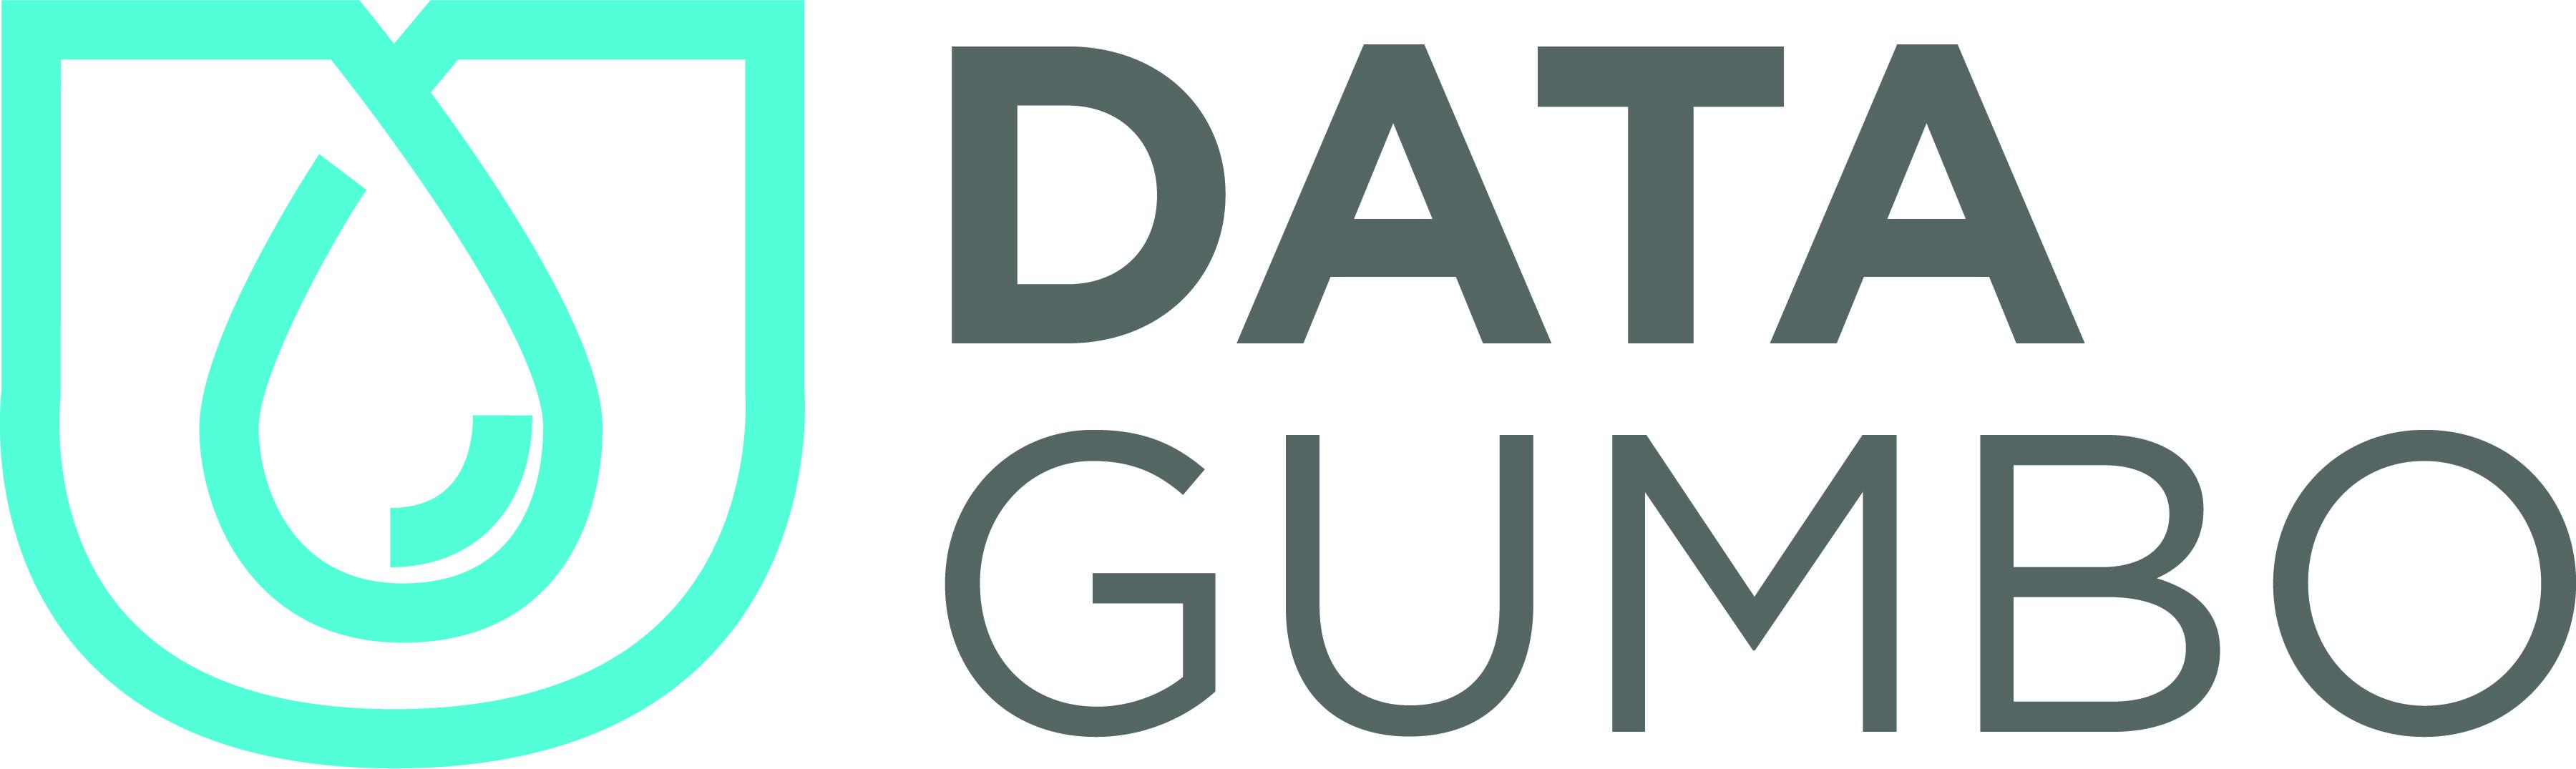 Data Gumbo Closes $7.7 Million Series B Funding Round